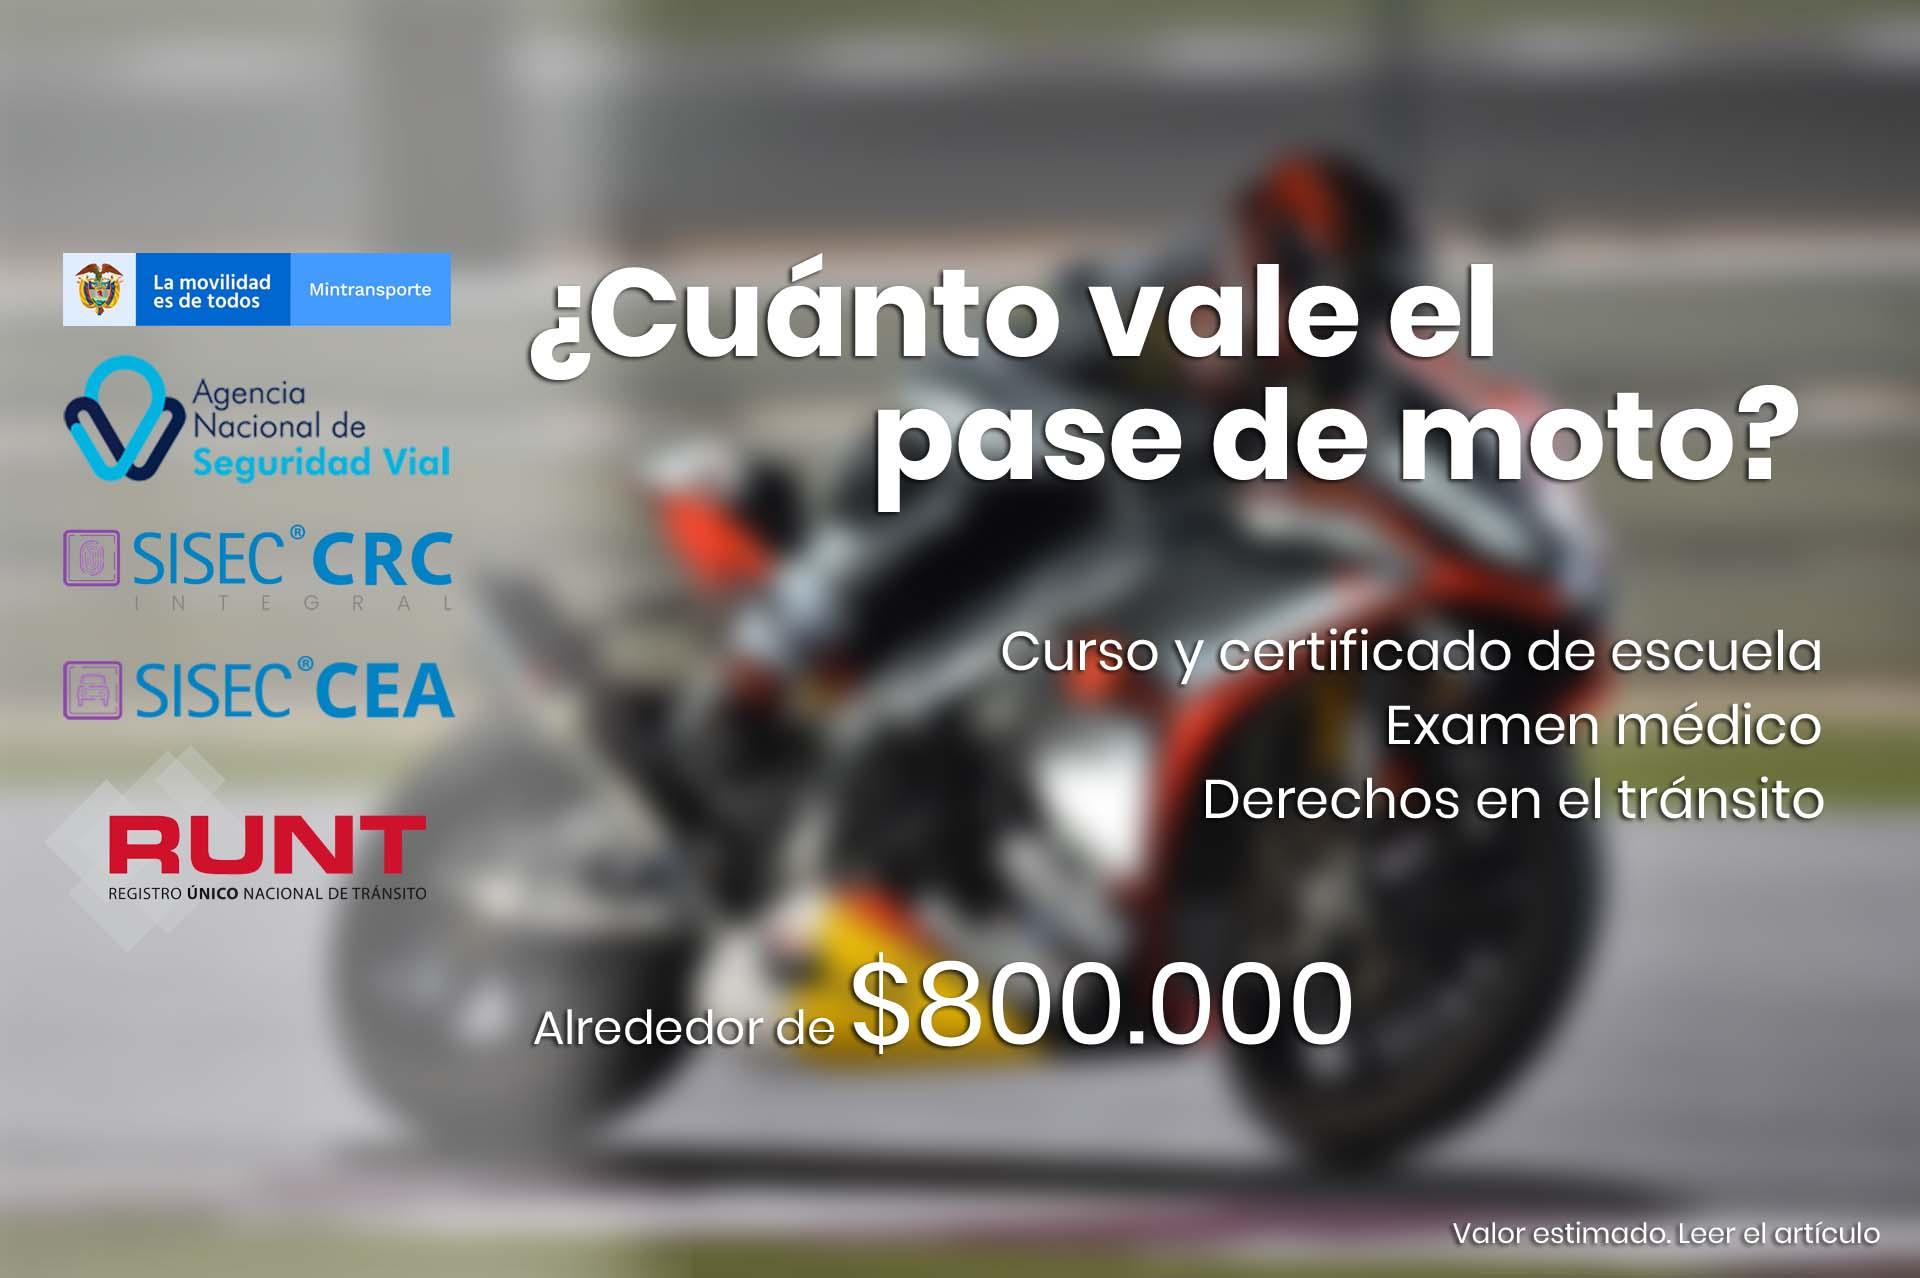 Cuanto Vale El Pase De Moto 2021 Lea La Informacion Y Cotice